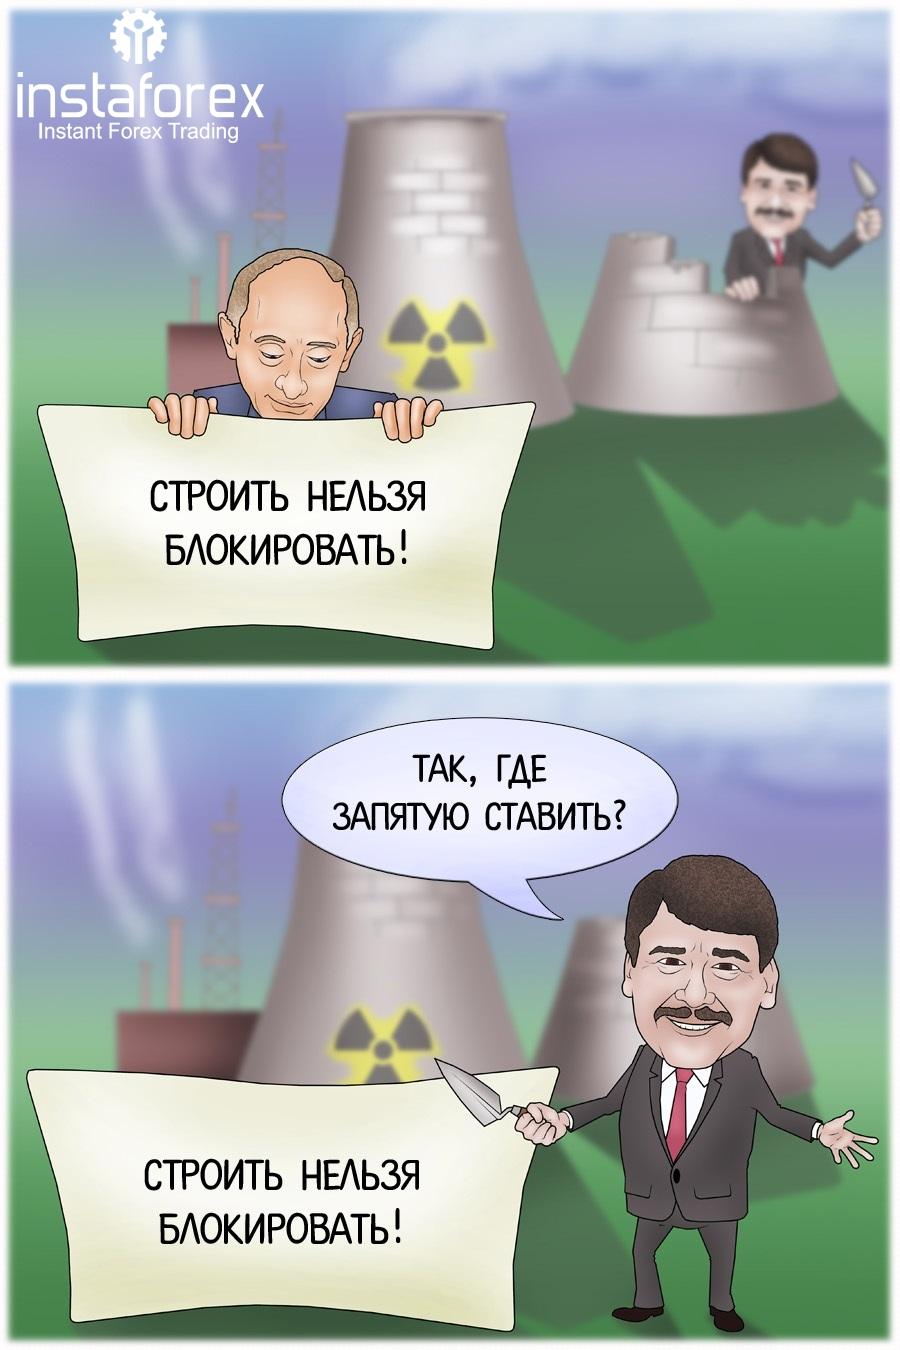 В Венгрии прокомментировали сообщения о блокировании ядерной сделки с Россией